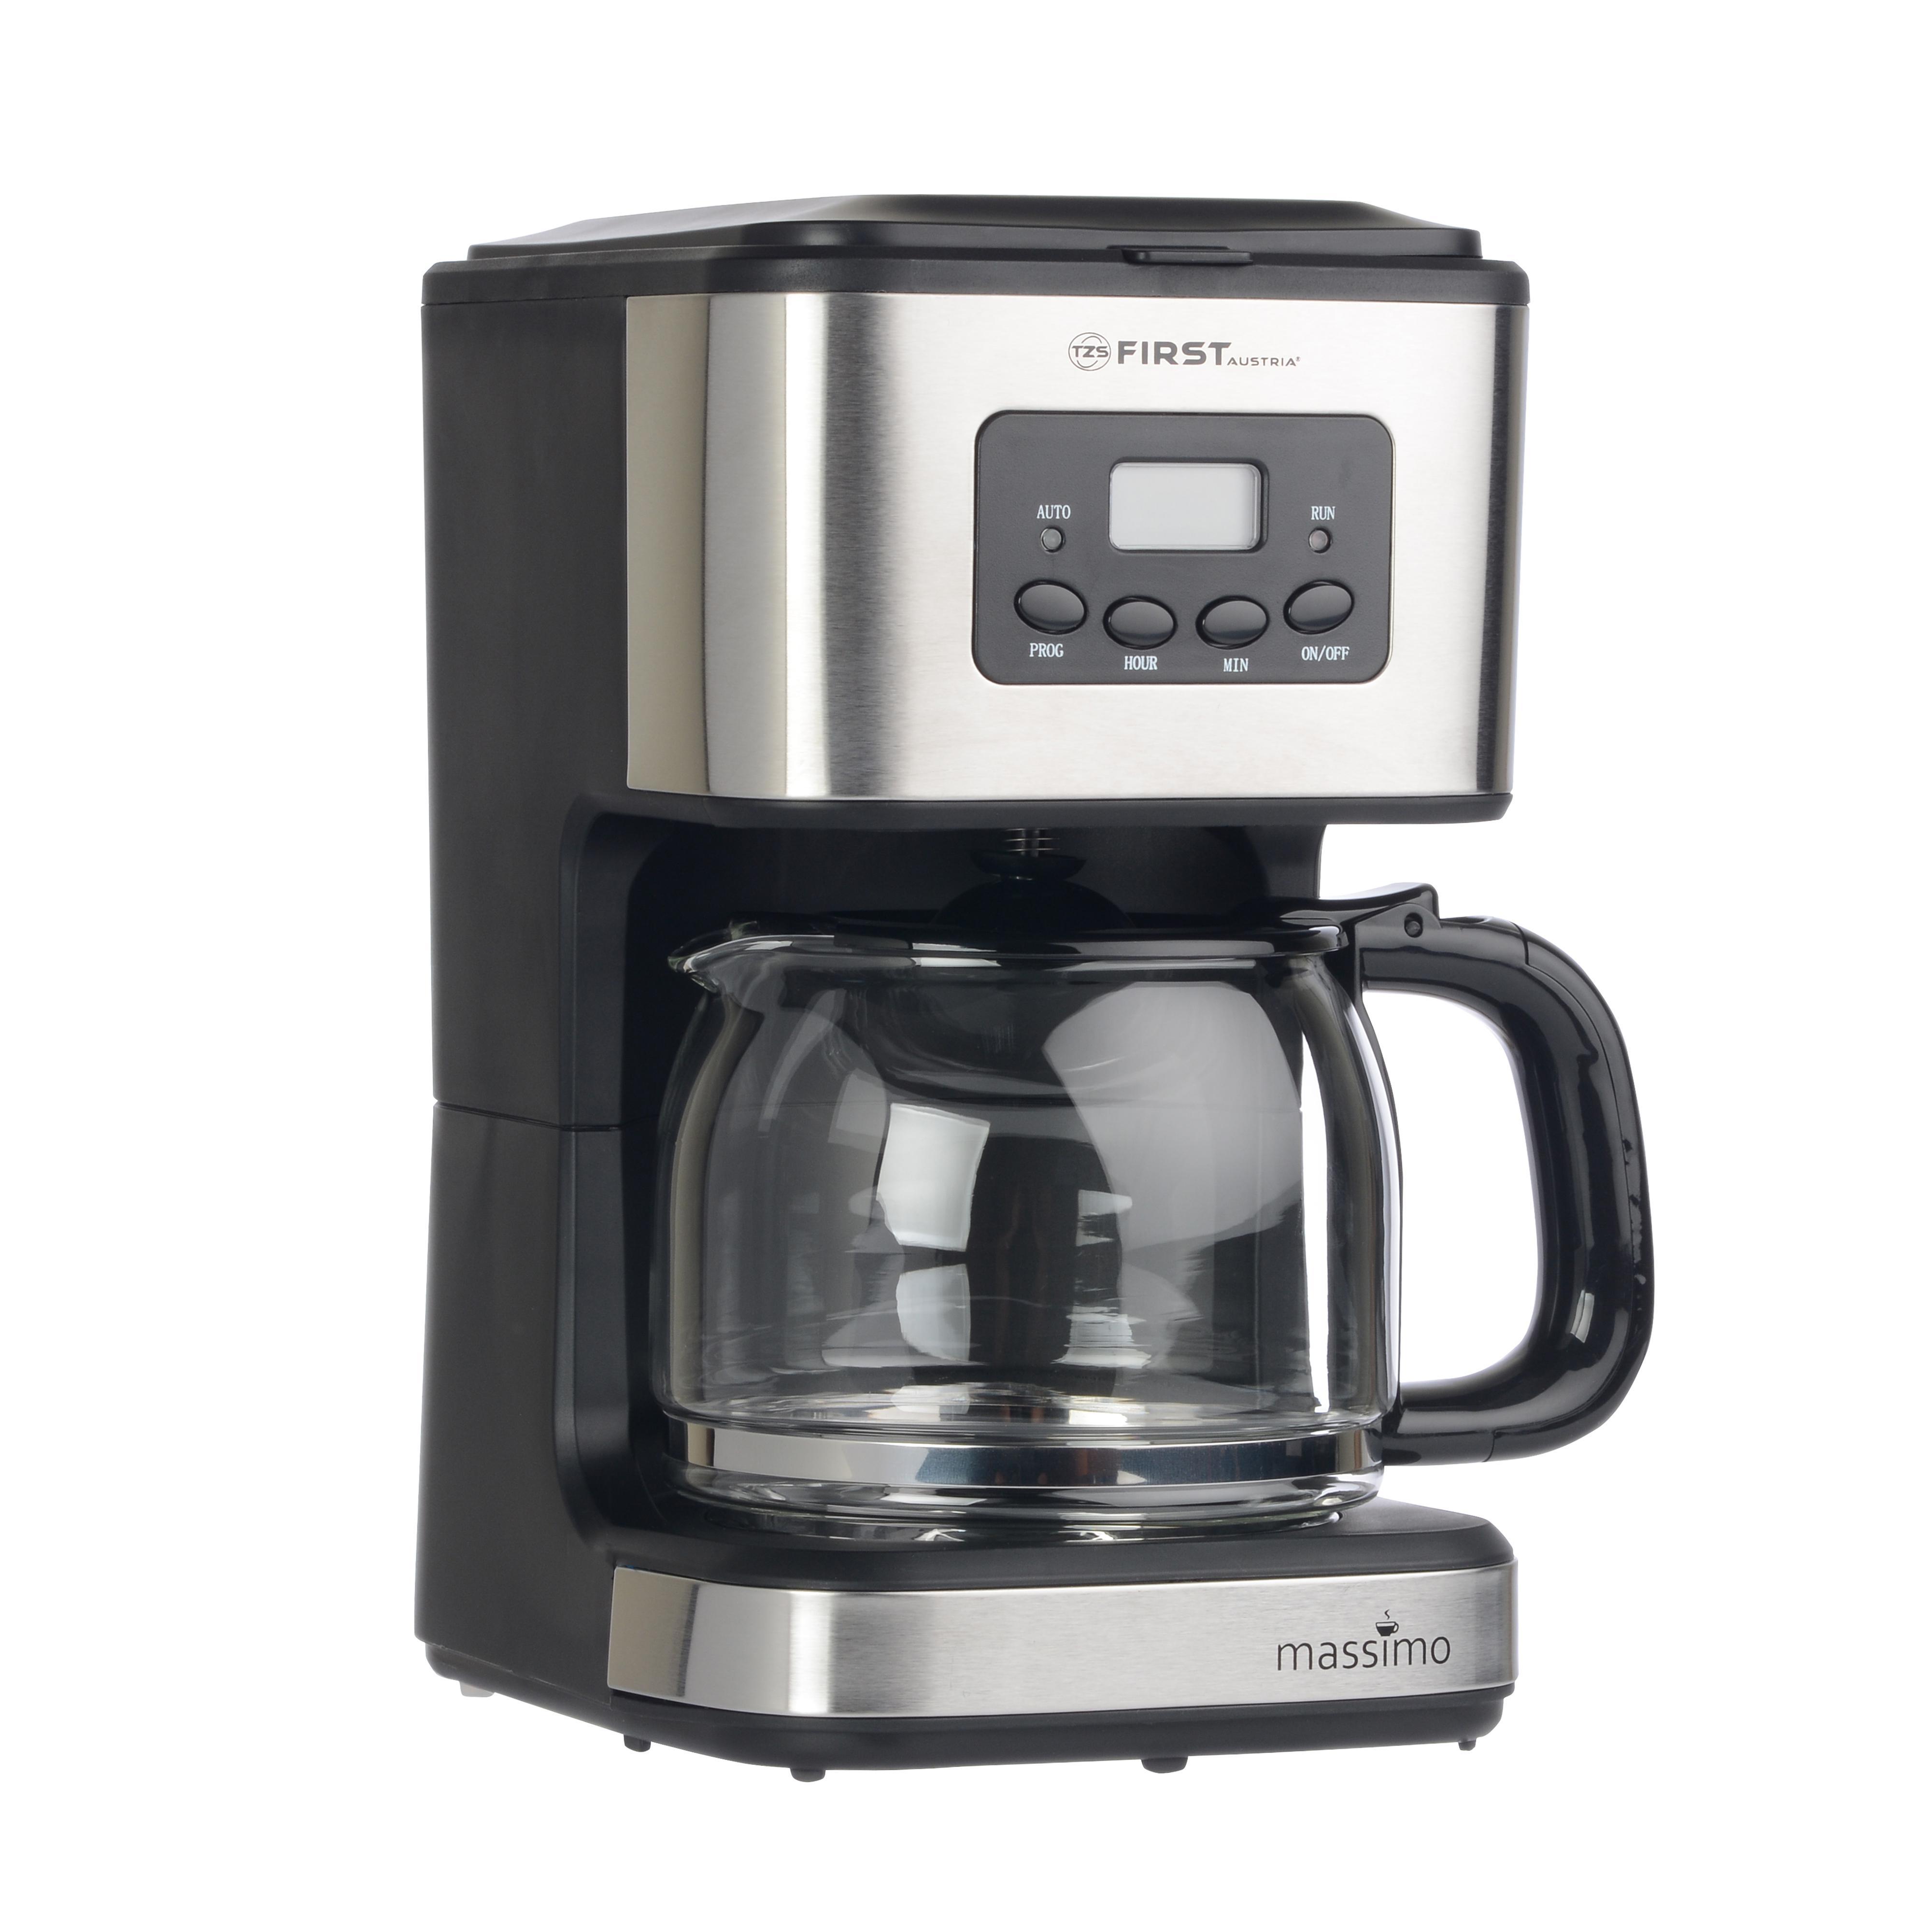 Кофеварка First Fa-5476-1 black de'longhi dedica ec 680 black рожковая кофеварка